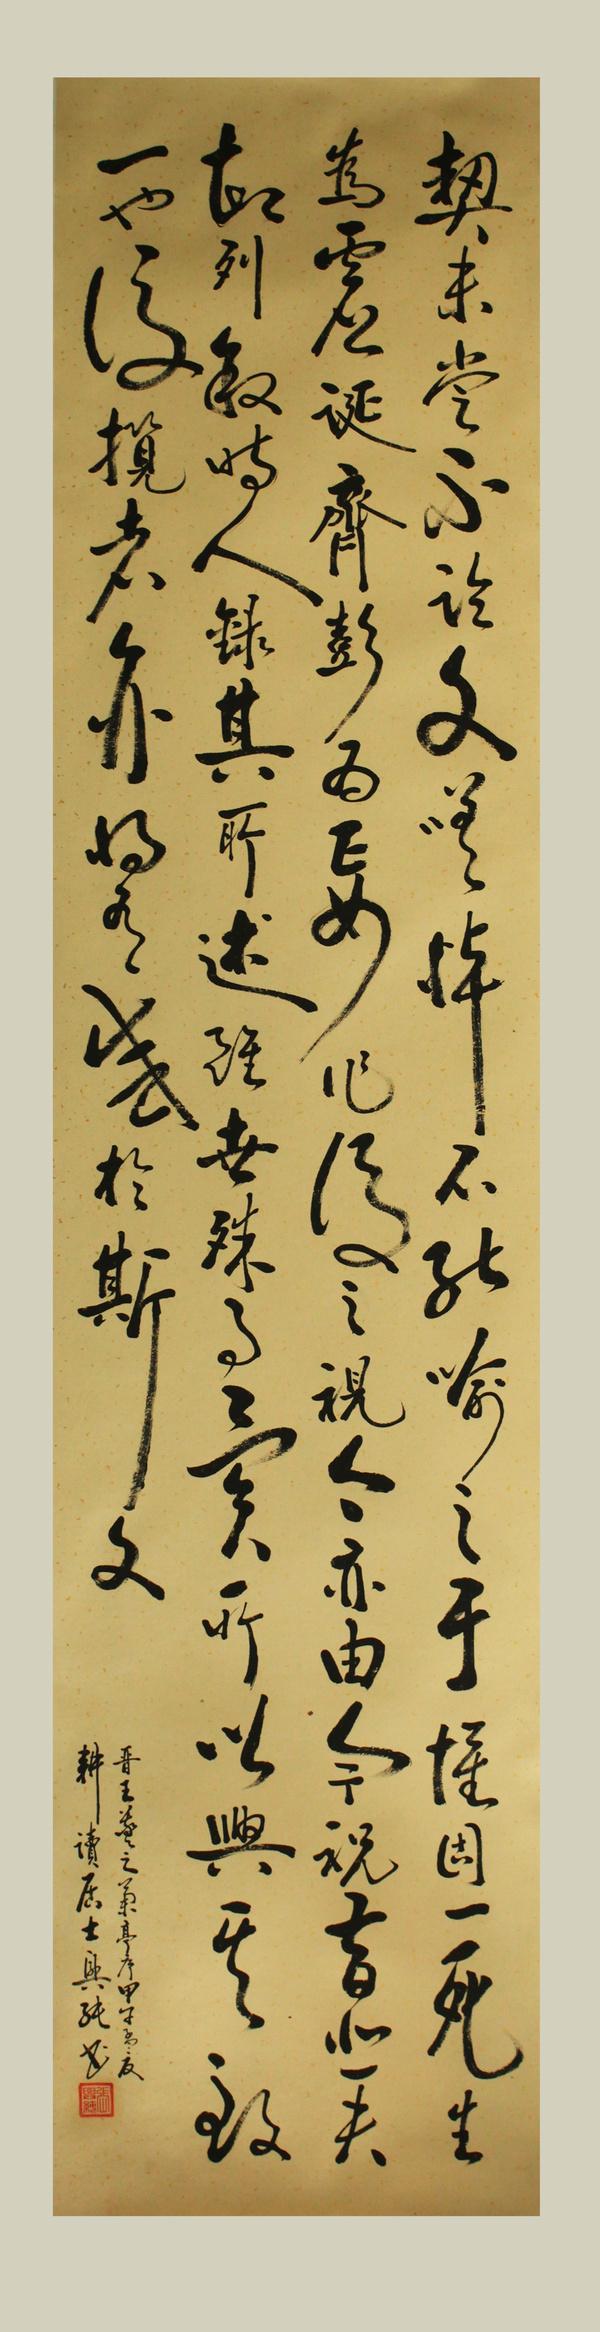 王羲之兰亭序书法欣赏图片